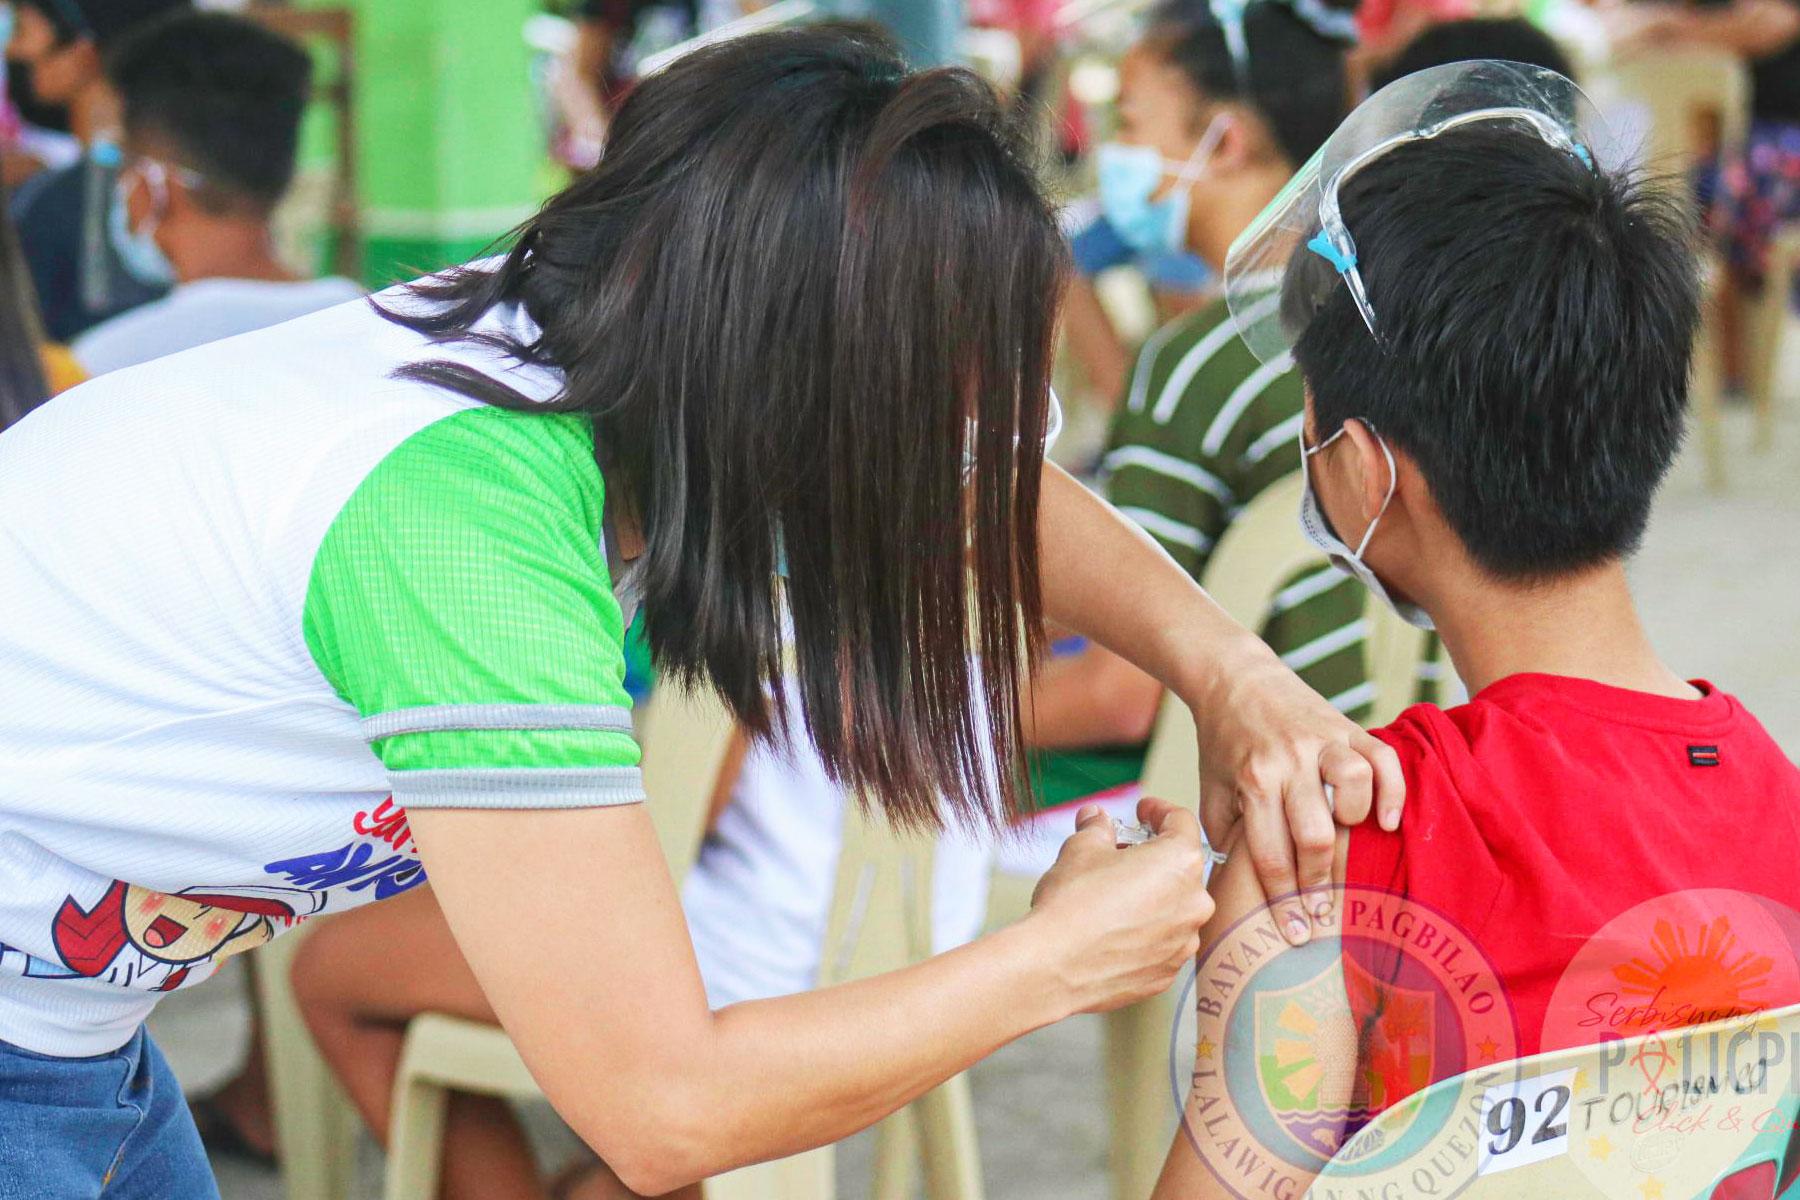 Anti Flu Vaccine - Pagbilao DepEd District II